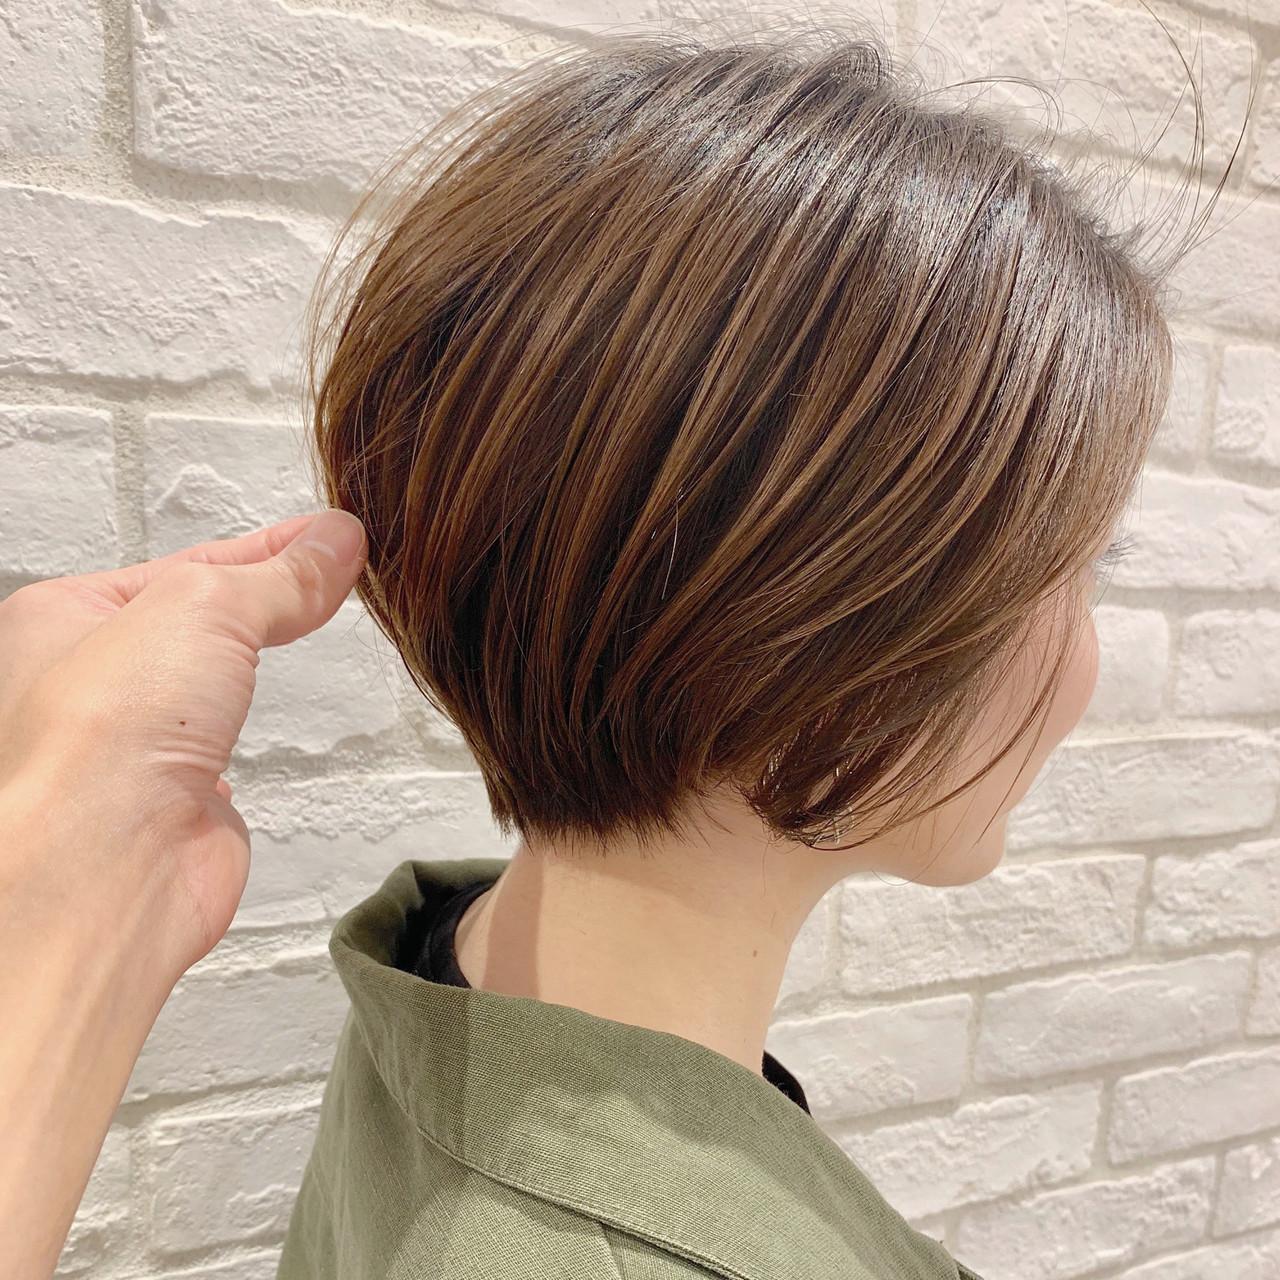 ナチュラル パーマ アウトドア 簡単ヘアアレンジ ヘアスタイルや髪型の写真・画像 | ショートボブの匠【 山内大成 】『i.hair』 / 『 i. 』 omotesando